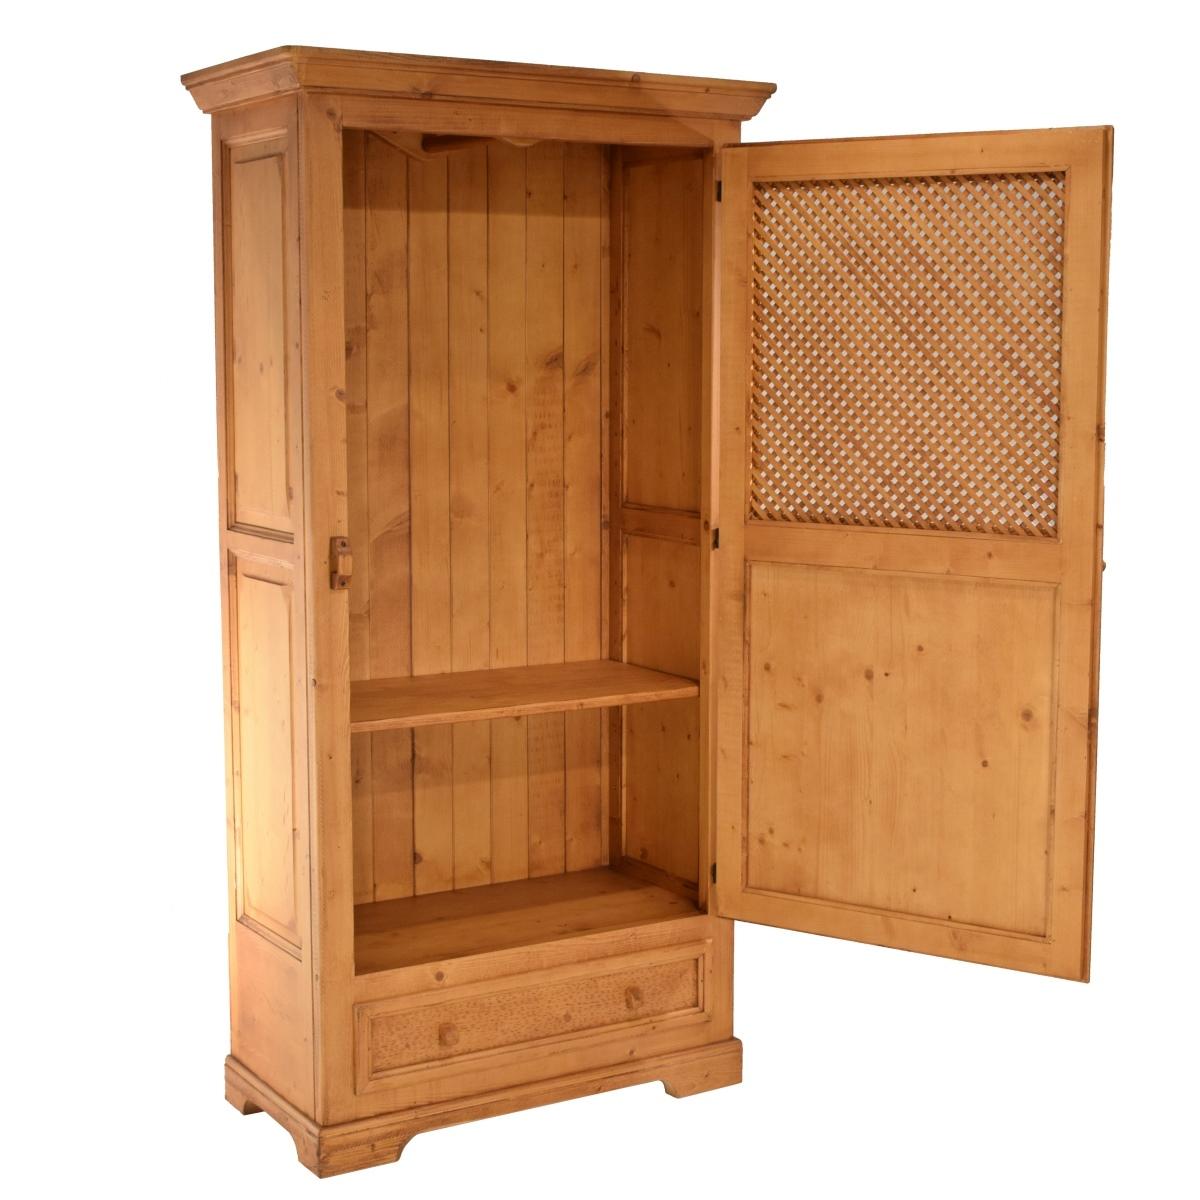 Armario recibidor r stico de madera ecor stico venta de - Mueble recibidor rustico ...